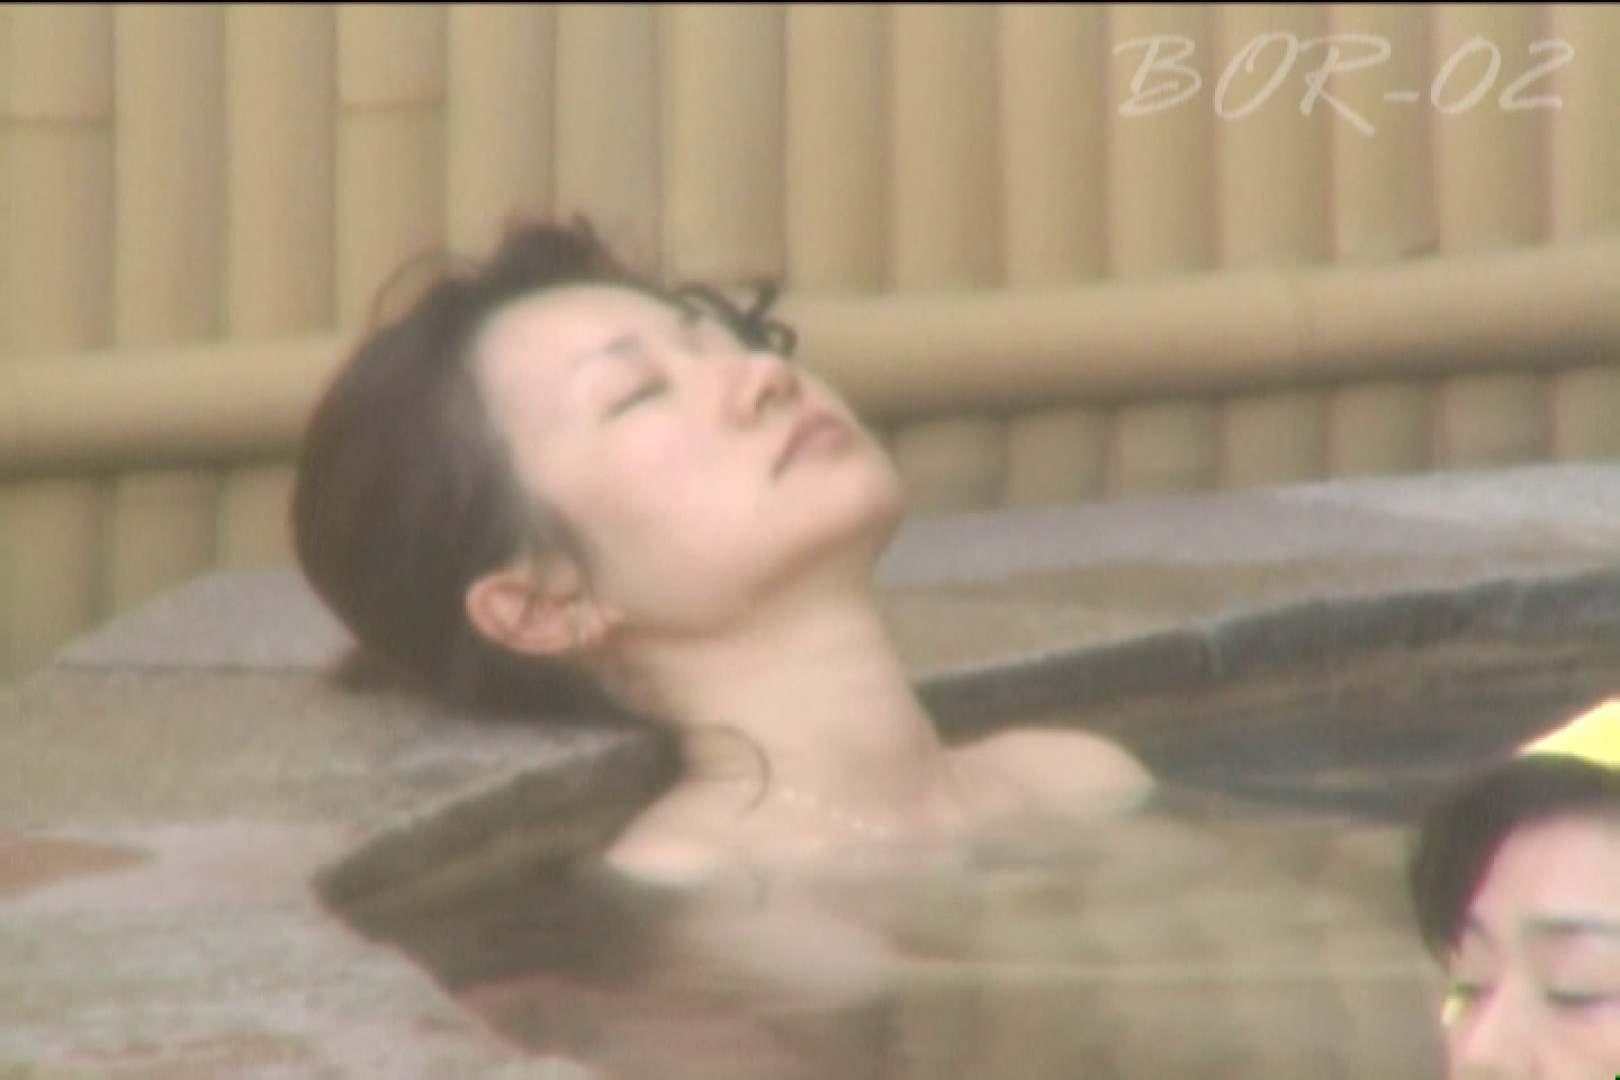 Aquaな露天風呂Vol.477 美しいOLの裸体  90pic 39